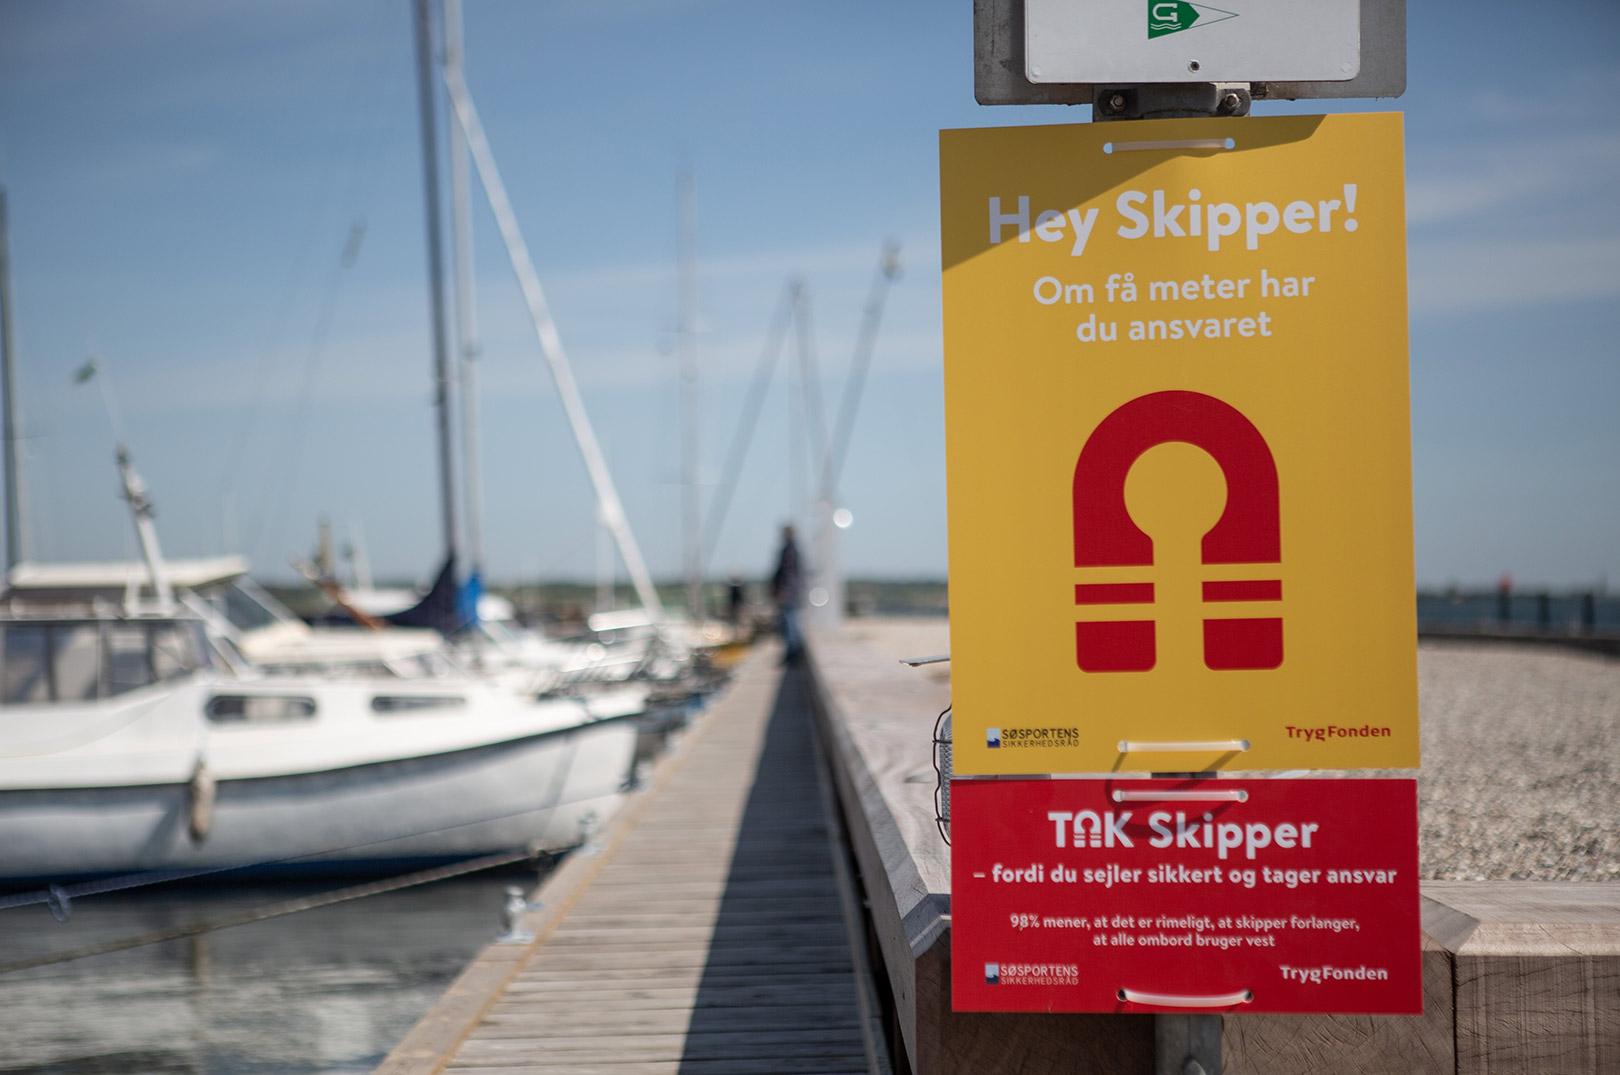 Tag skipperansvar og brug redningsvest er blot to af budskaberne i SejlSikkert kampagnen 2020.